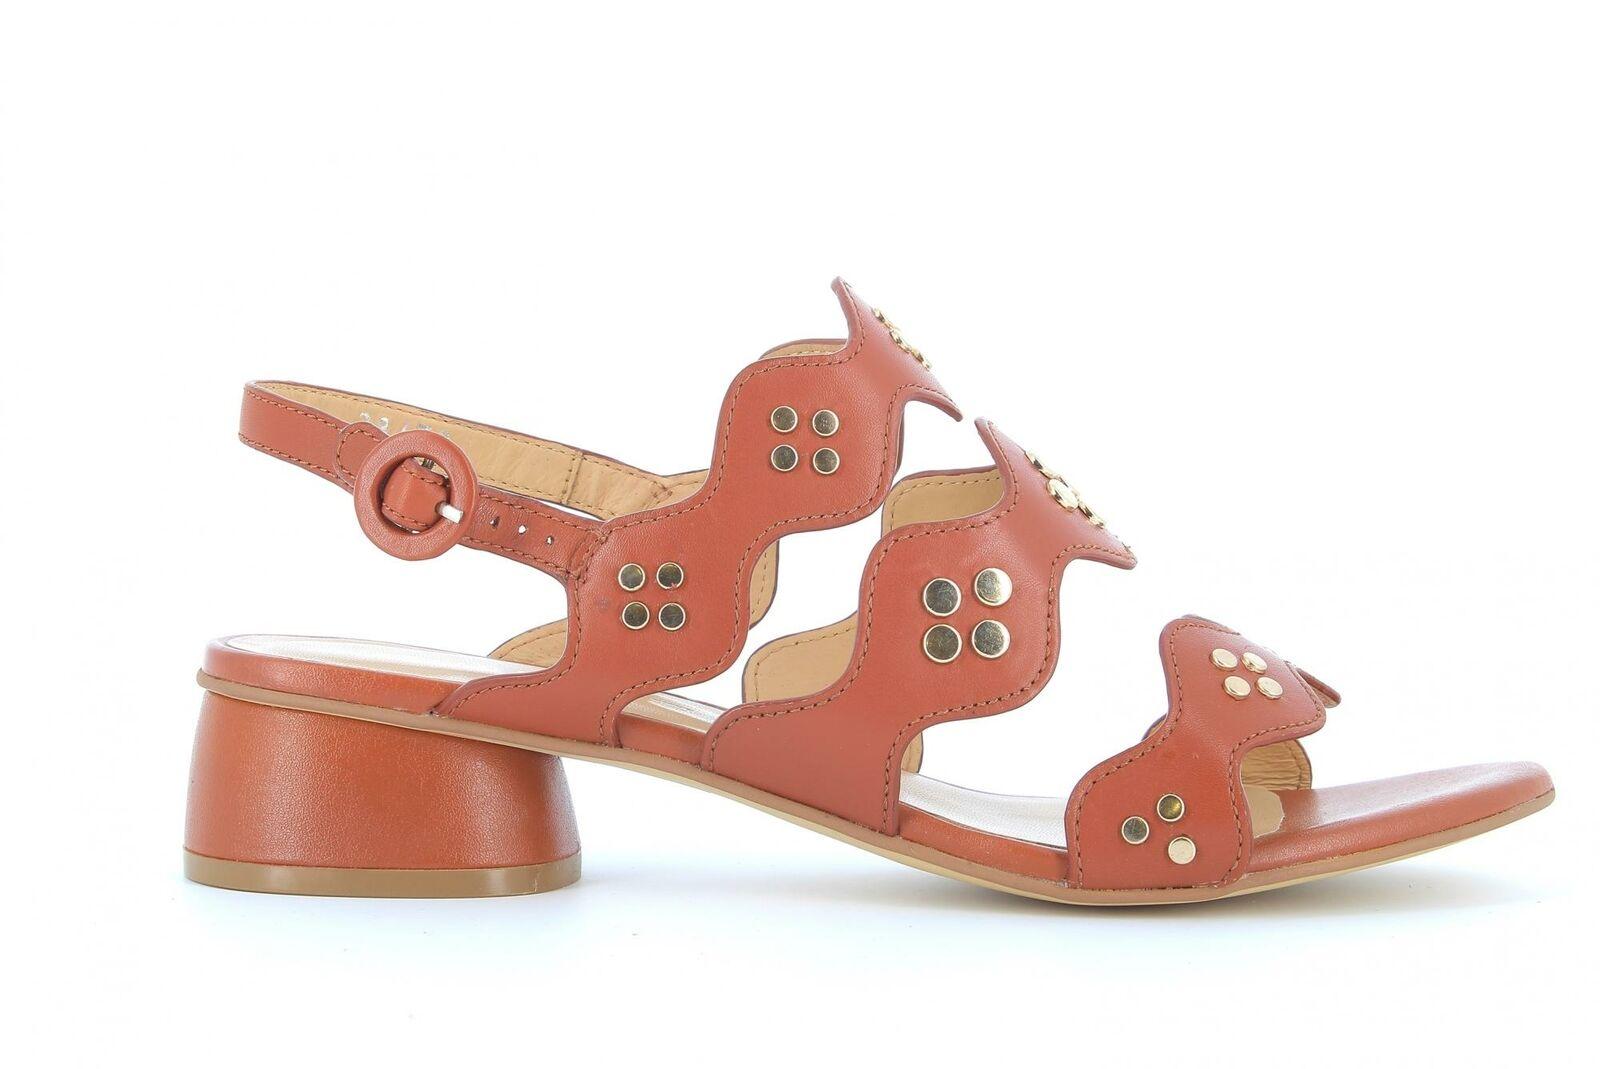 Adele Dezotti P19us Mujer Zapatos AV0500P Cuoio Sandalias